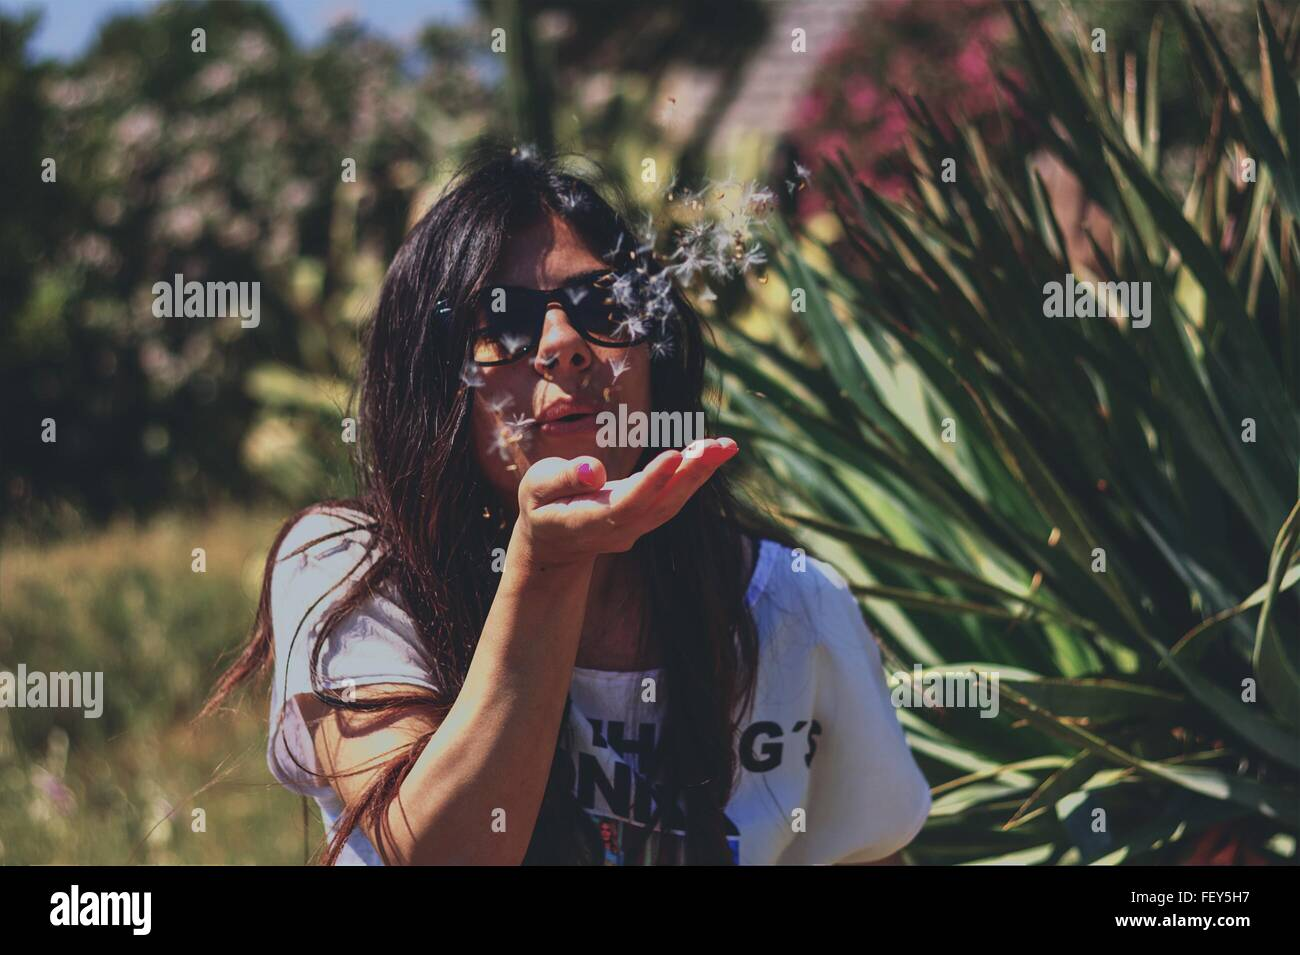 Vorderansicht der jungen Frau weht Löwenzahnsamen über Palm Stockbild